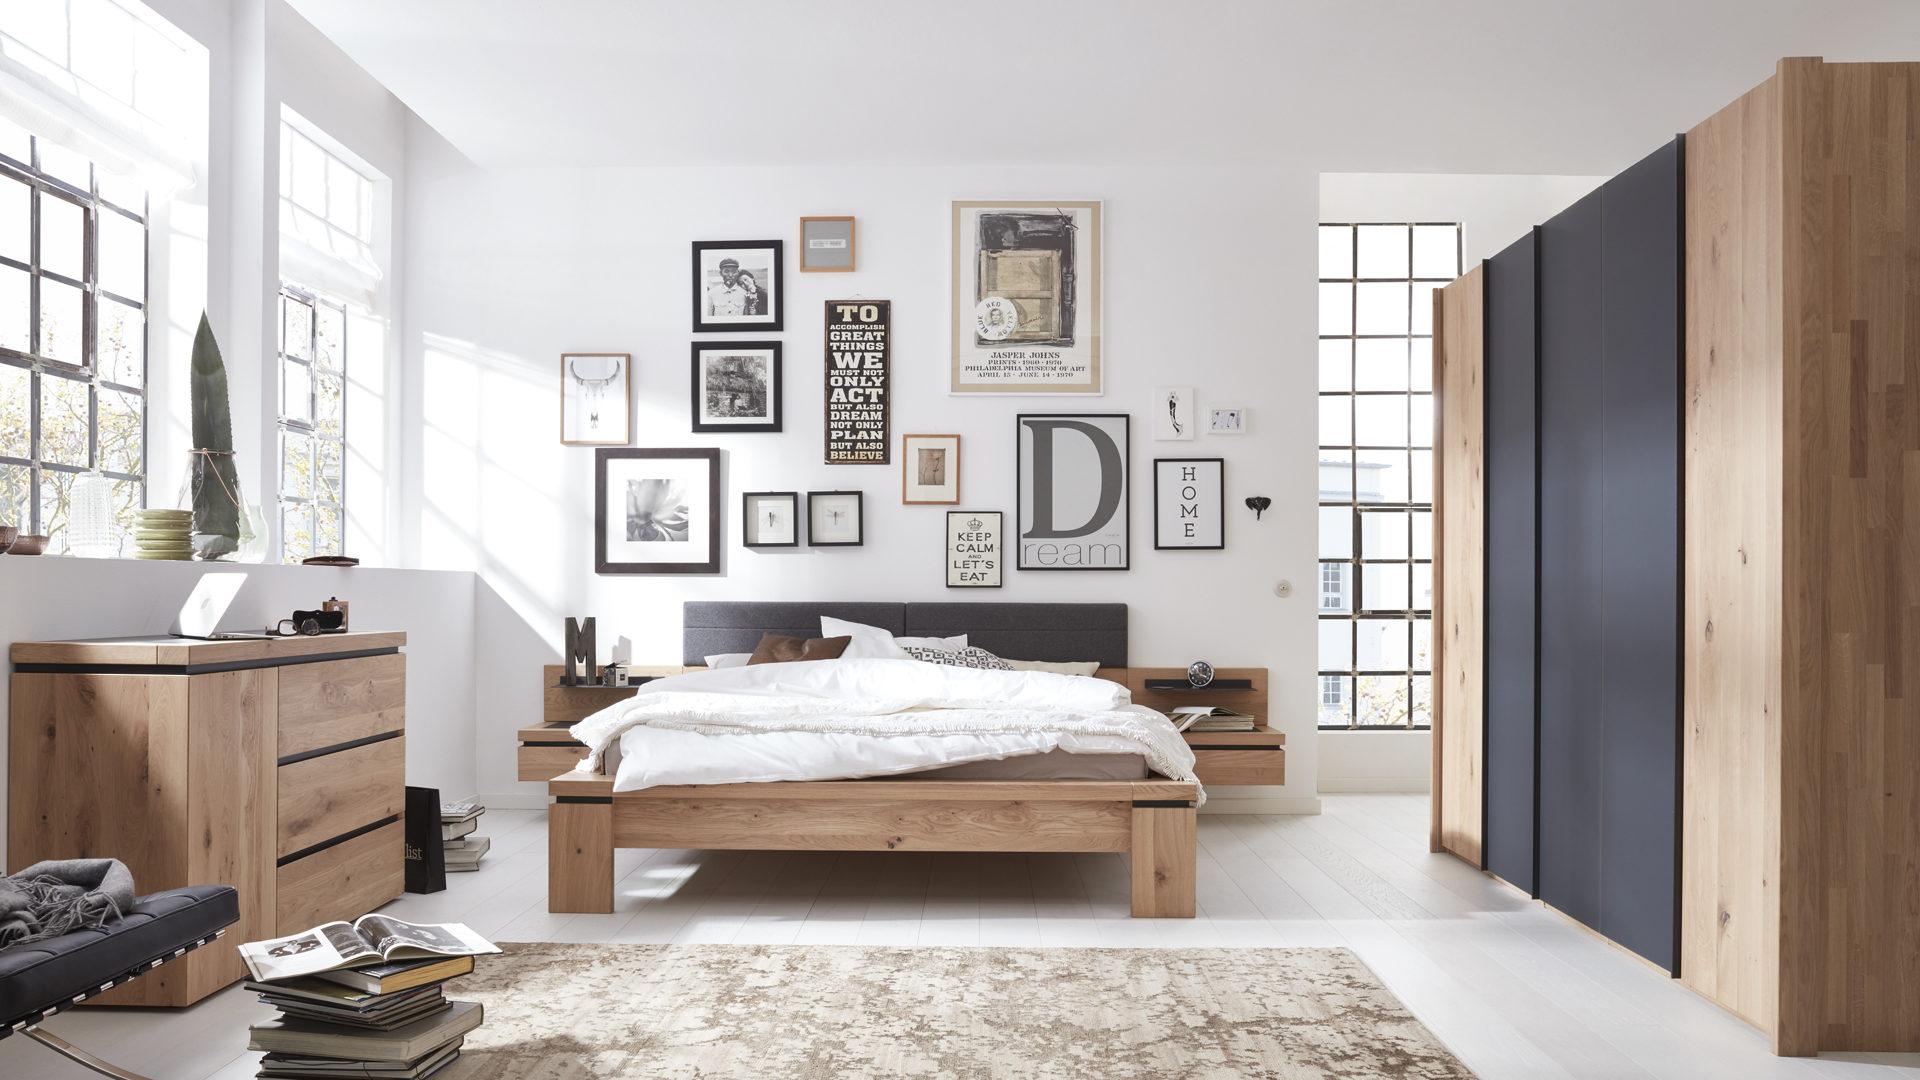 Möbel Boer Coesfeld | Markenshops | Schlafzimmer | Interliving, Schlafzimmer  Entwurf